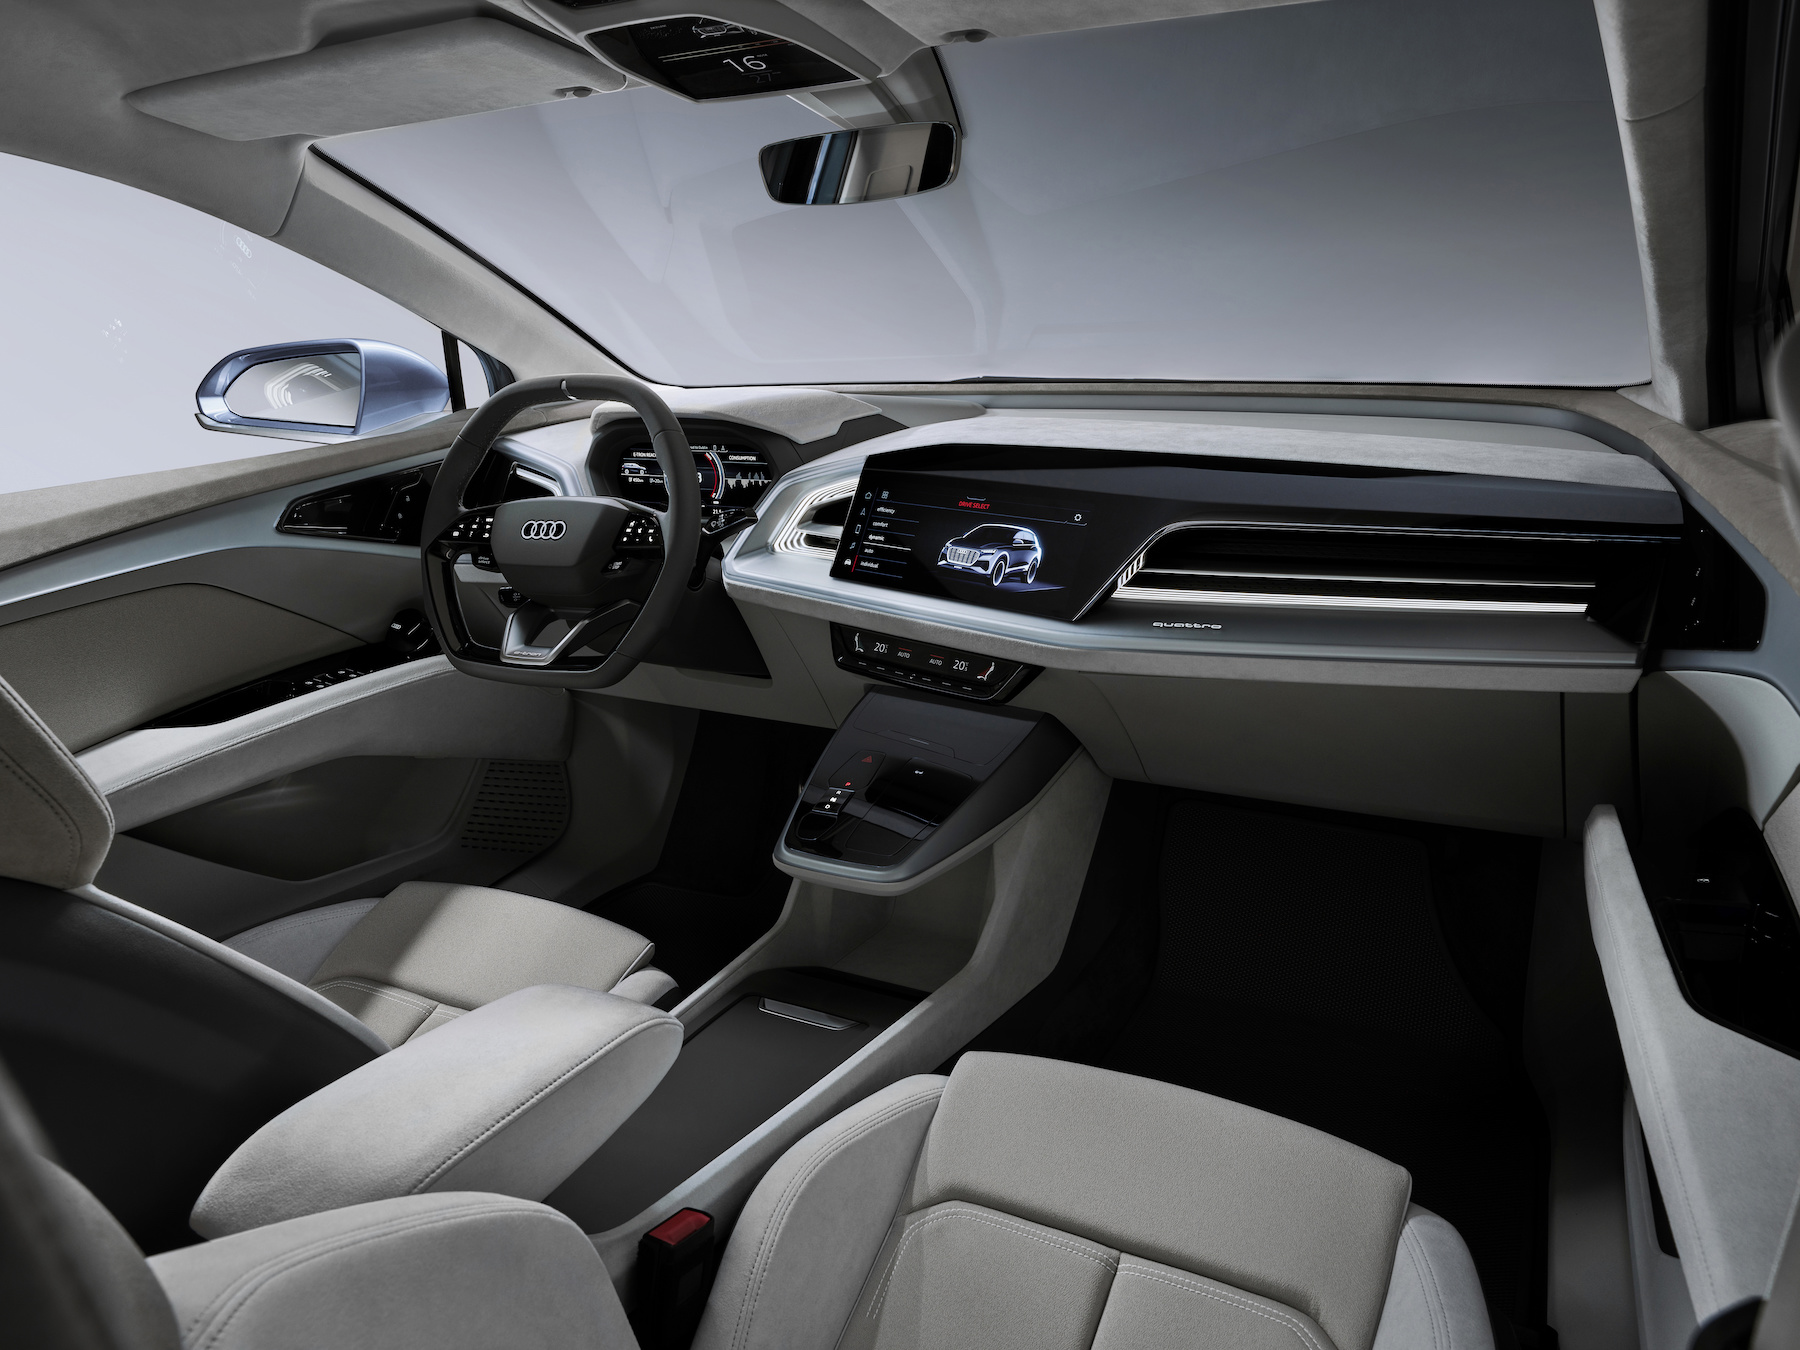 Aussen kompakt, innen riesig: Im Audi Q4 e-tron concept sollen sich Fahrer und passagiere wohl fühlen. (AUDI)